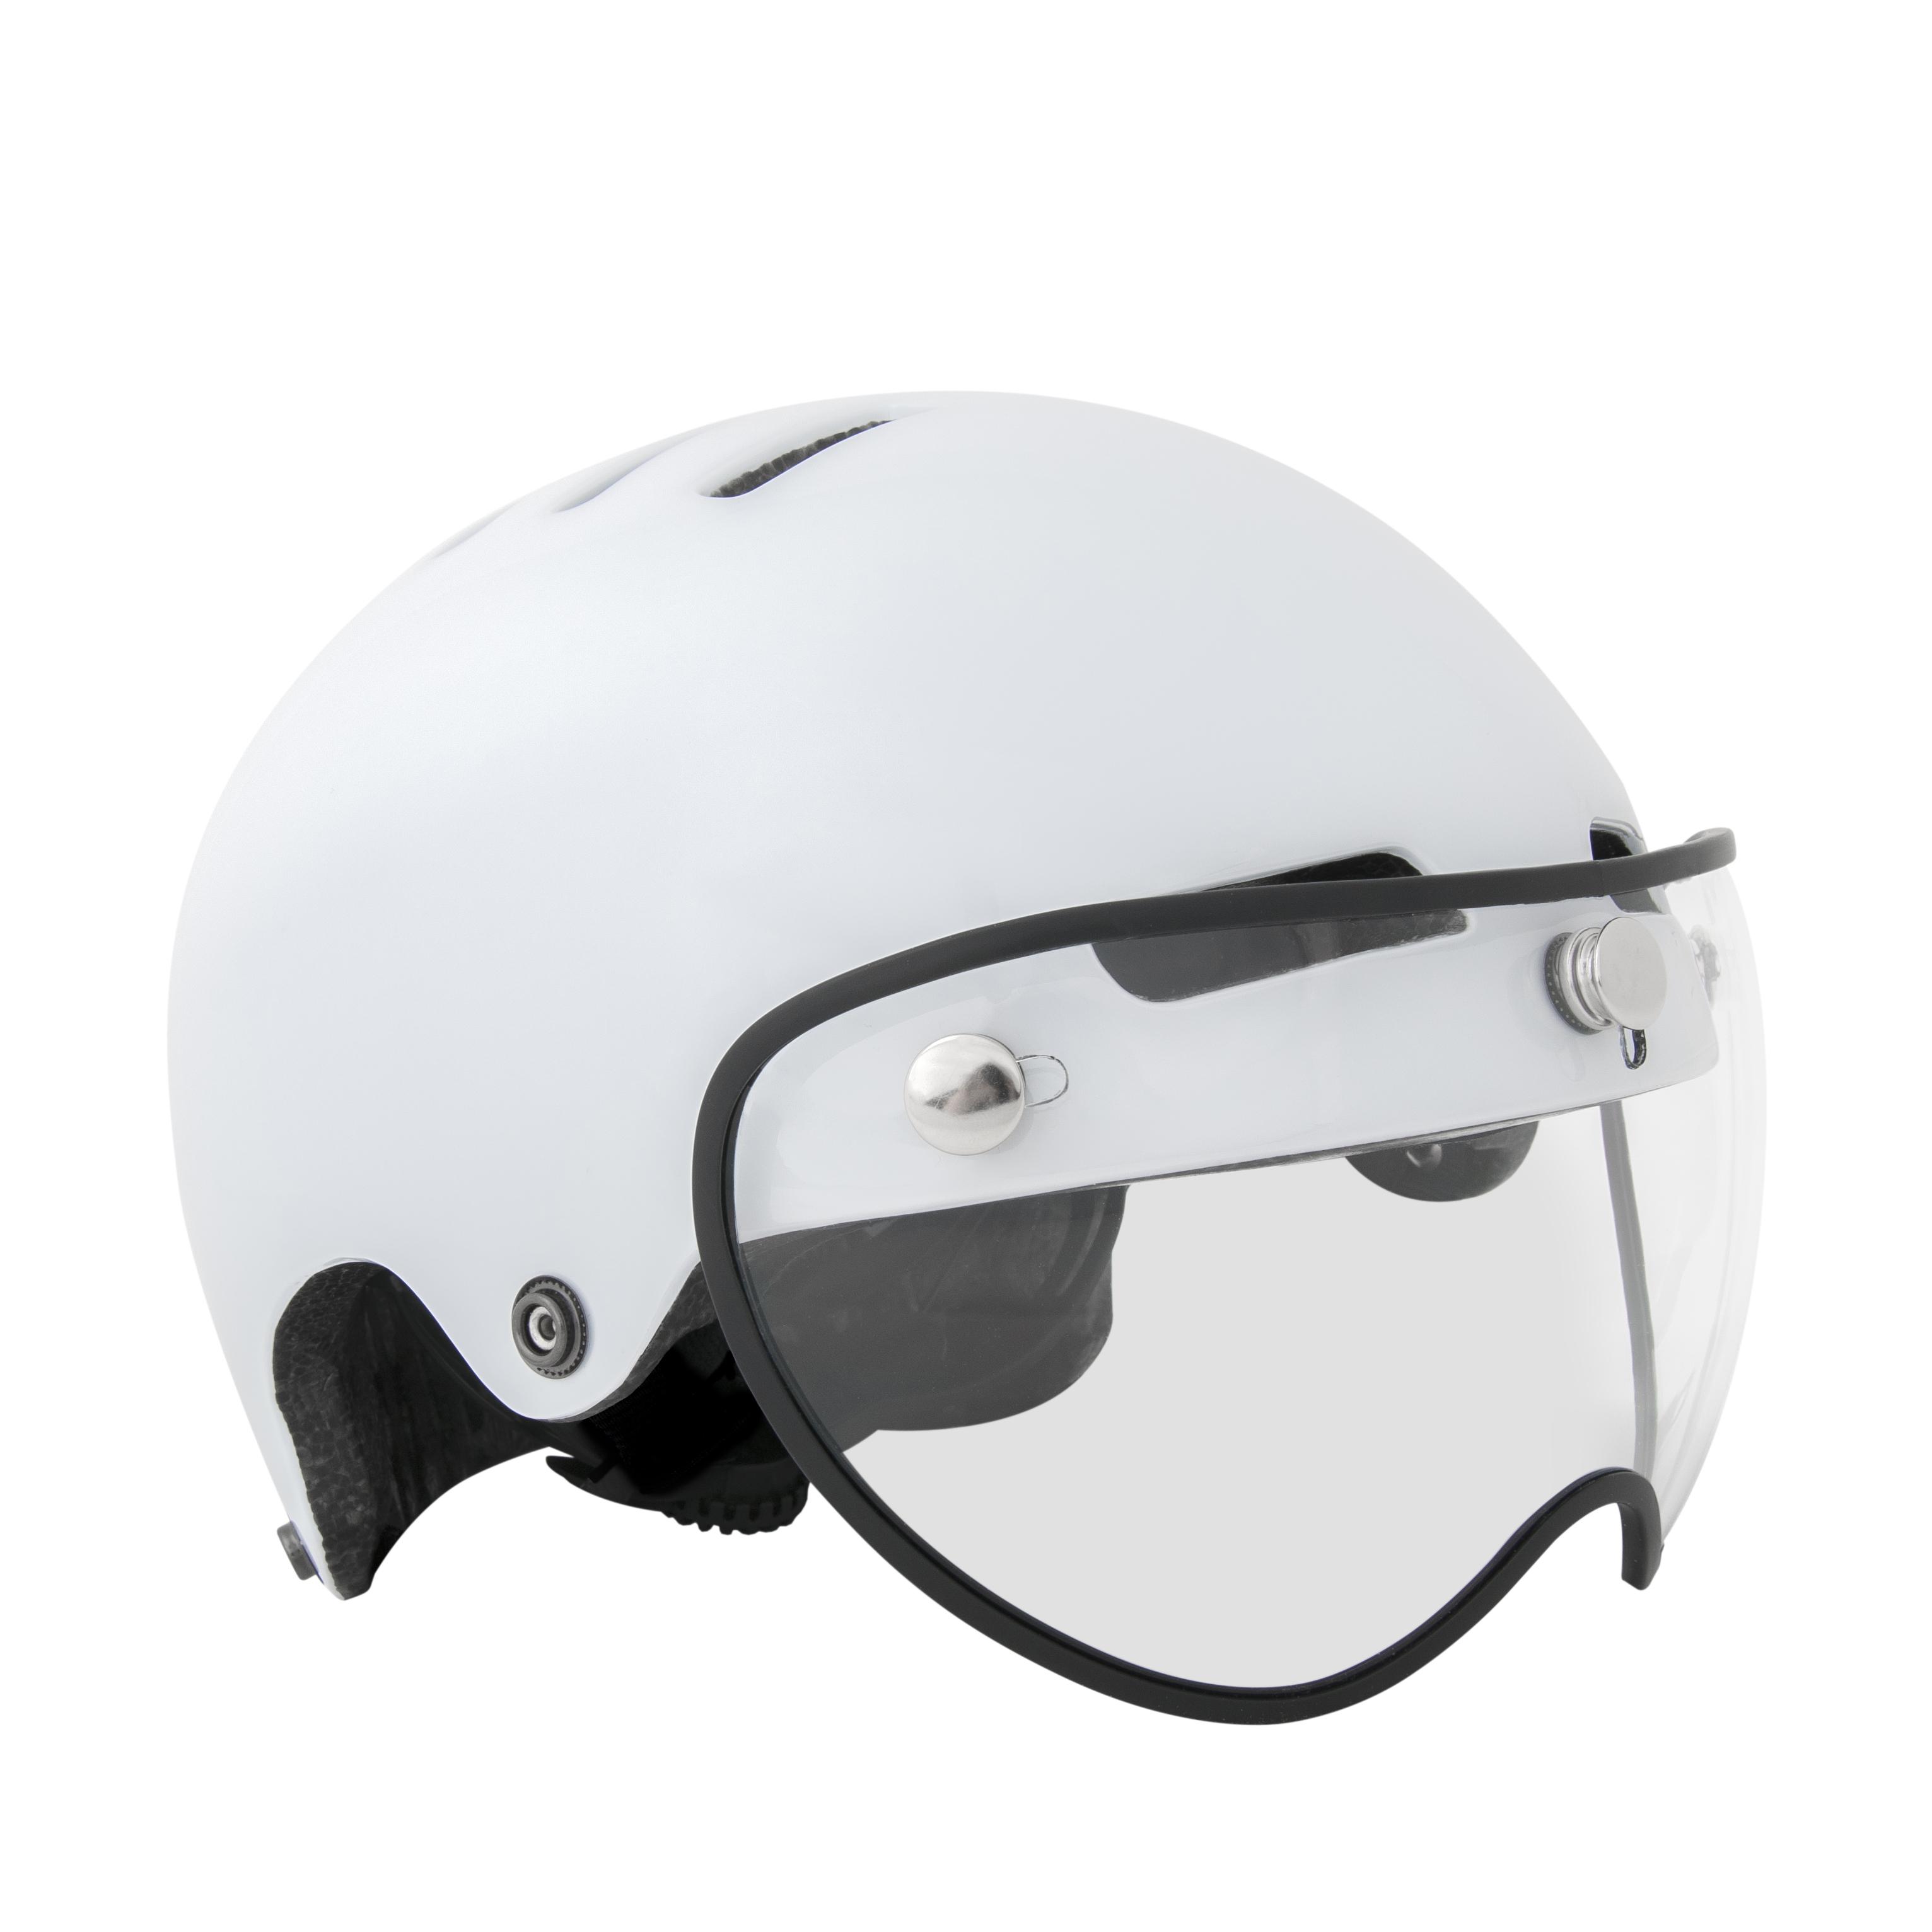 LAZER přilba Armor Pin bílá (S)